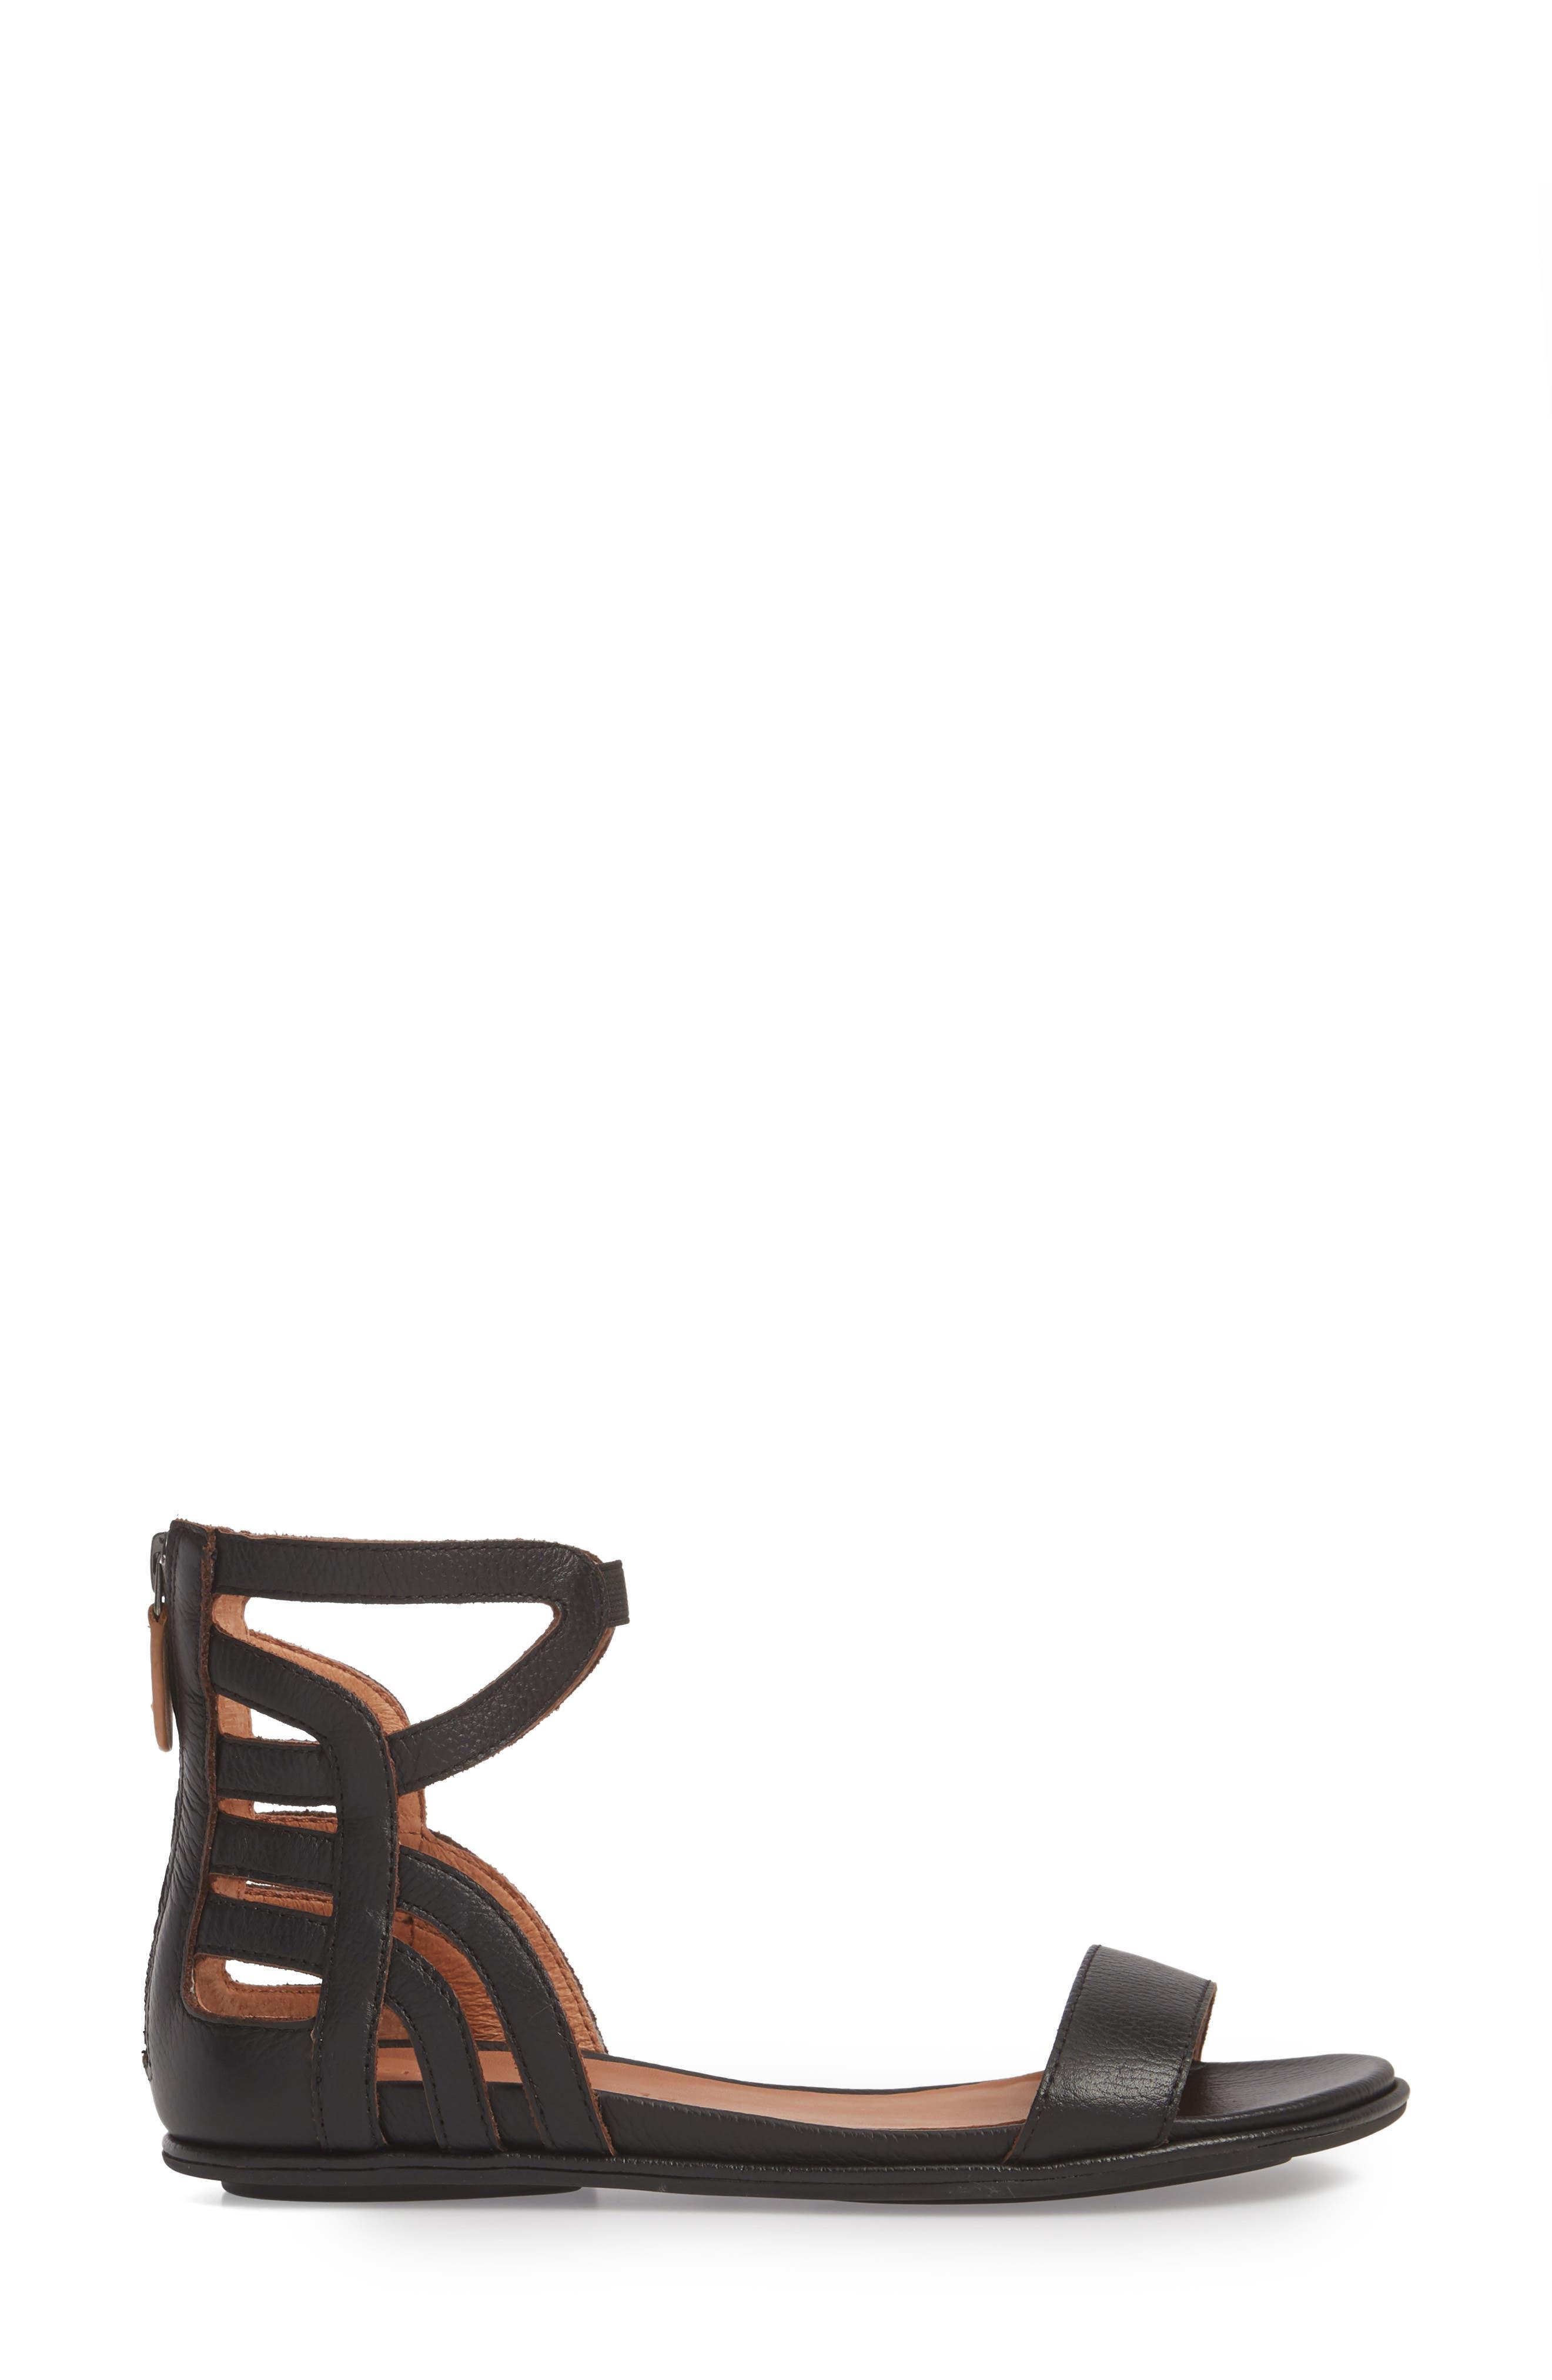 Larissa Sandal,                             Alternate thumbnail 3, color,                             BLACK LEATHER